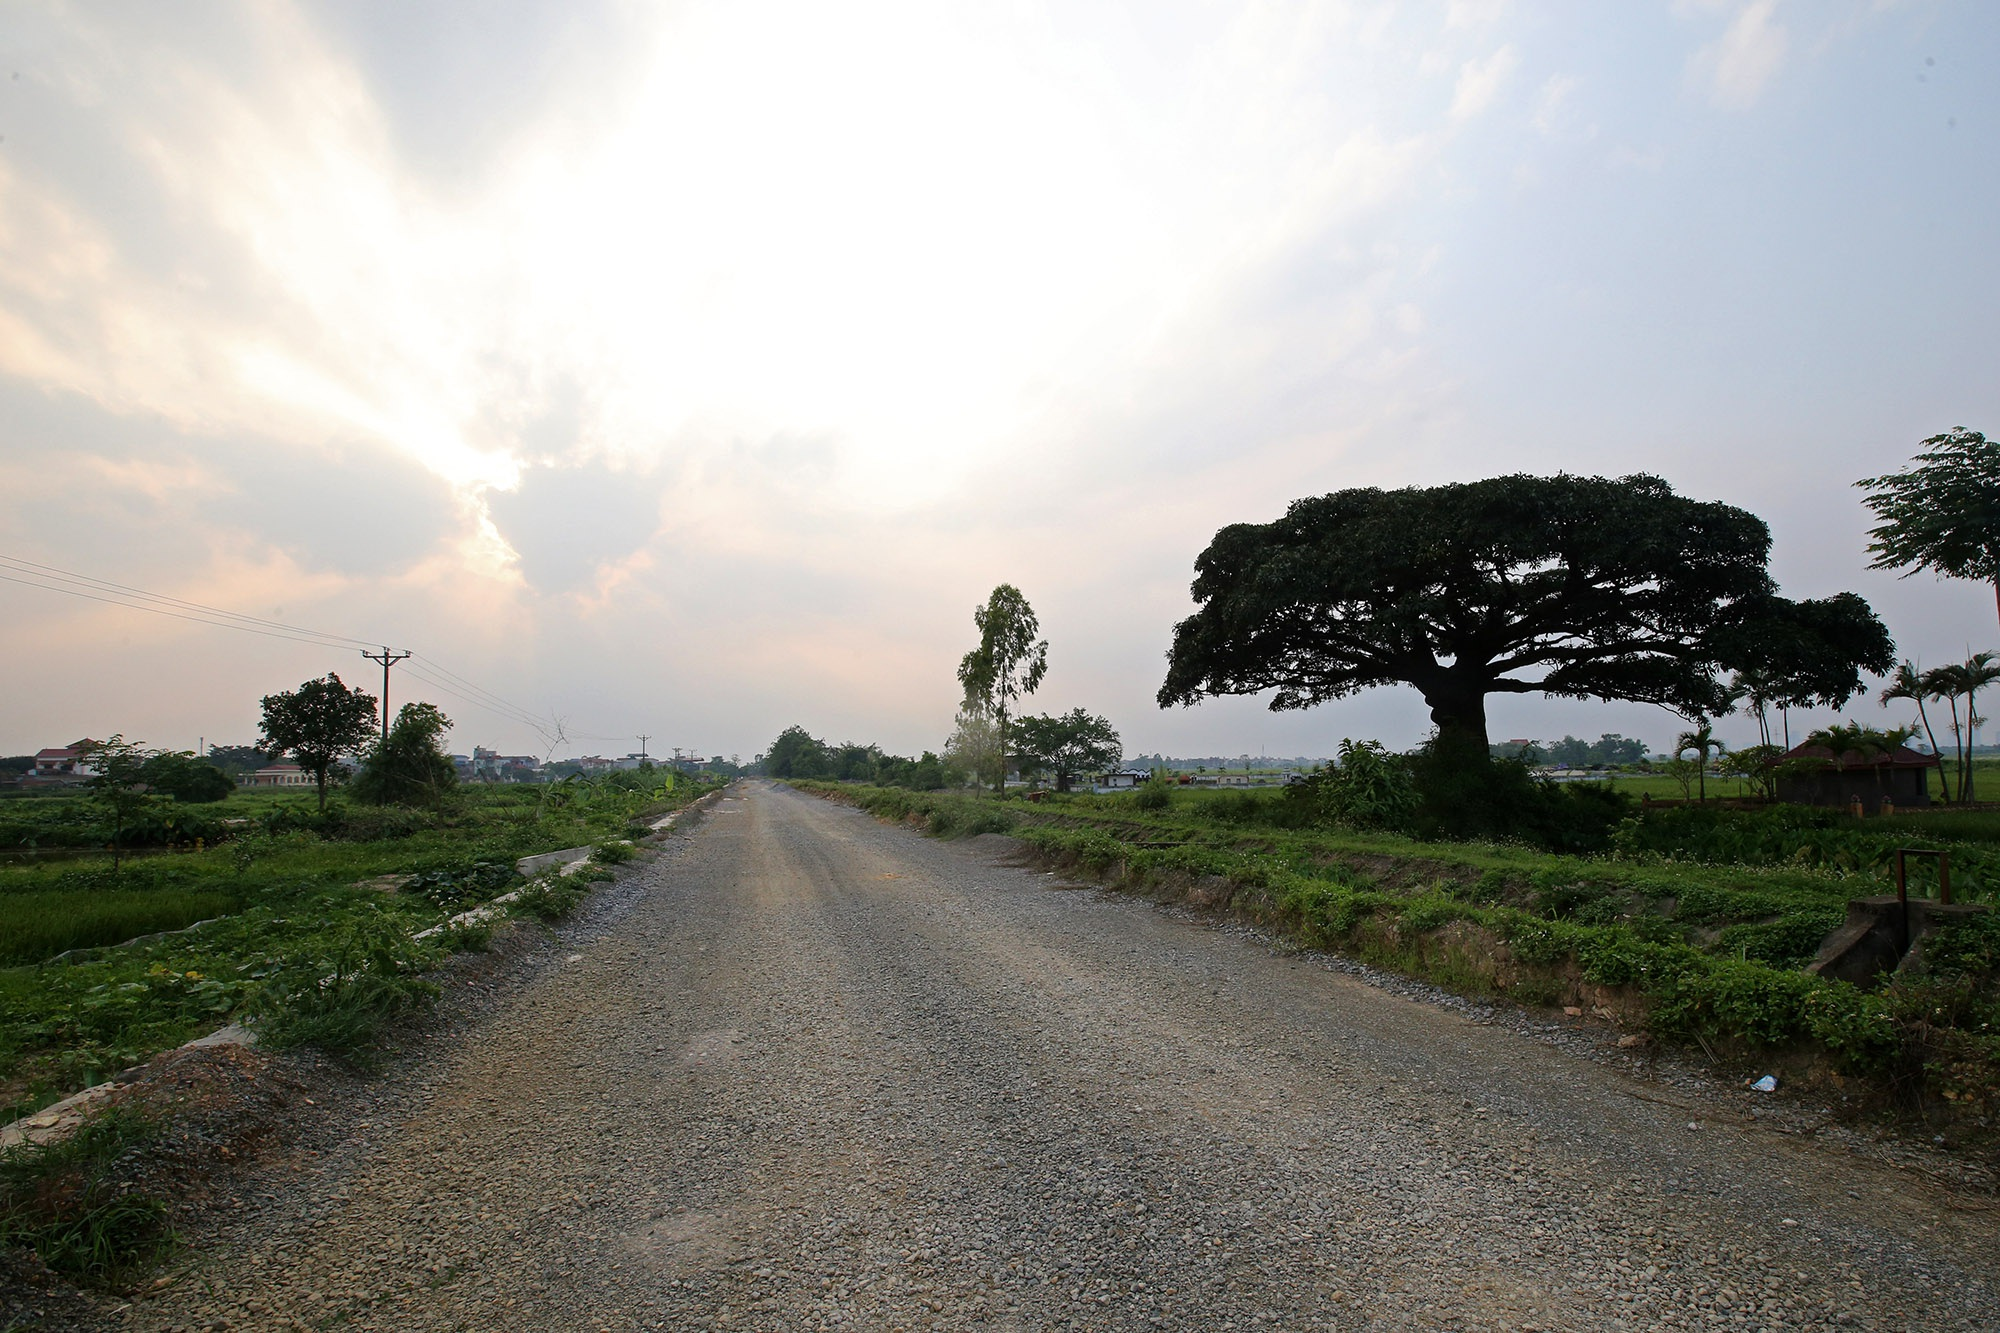 Hà Nội: Cây trôi cô đơn nghìn năm tuổi, báu vật của làng Bình Đà - 15